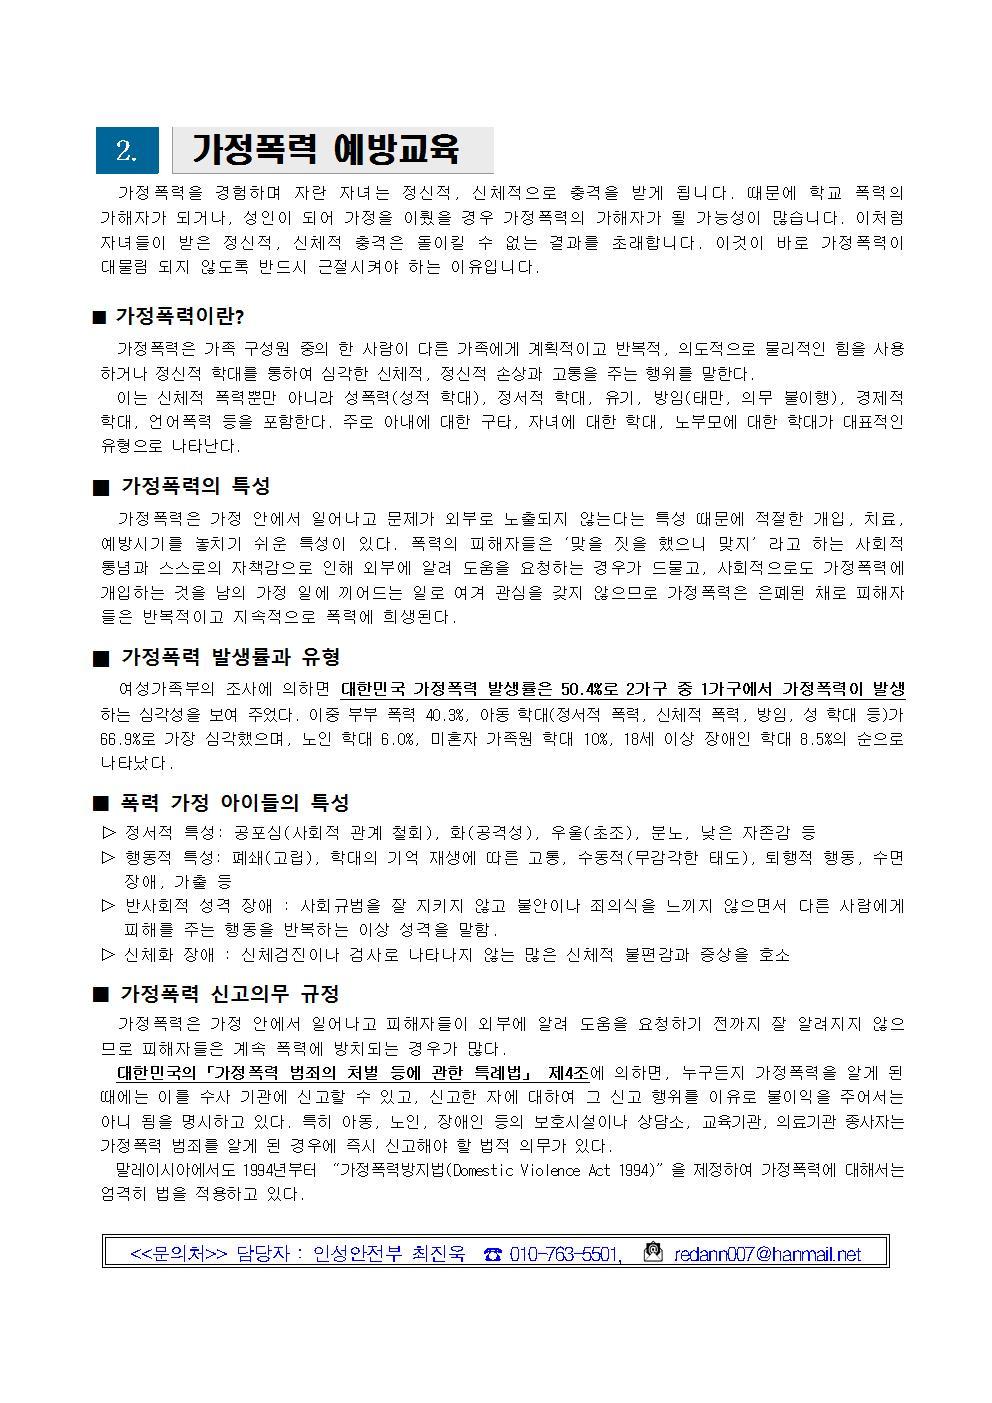 제2016 공통-12호 가정통신문(학교폭력가정폭력 이제그만!!)002.jpg